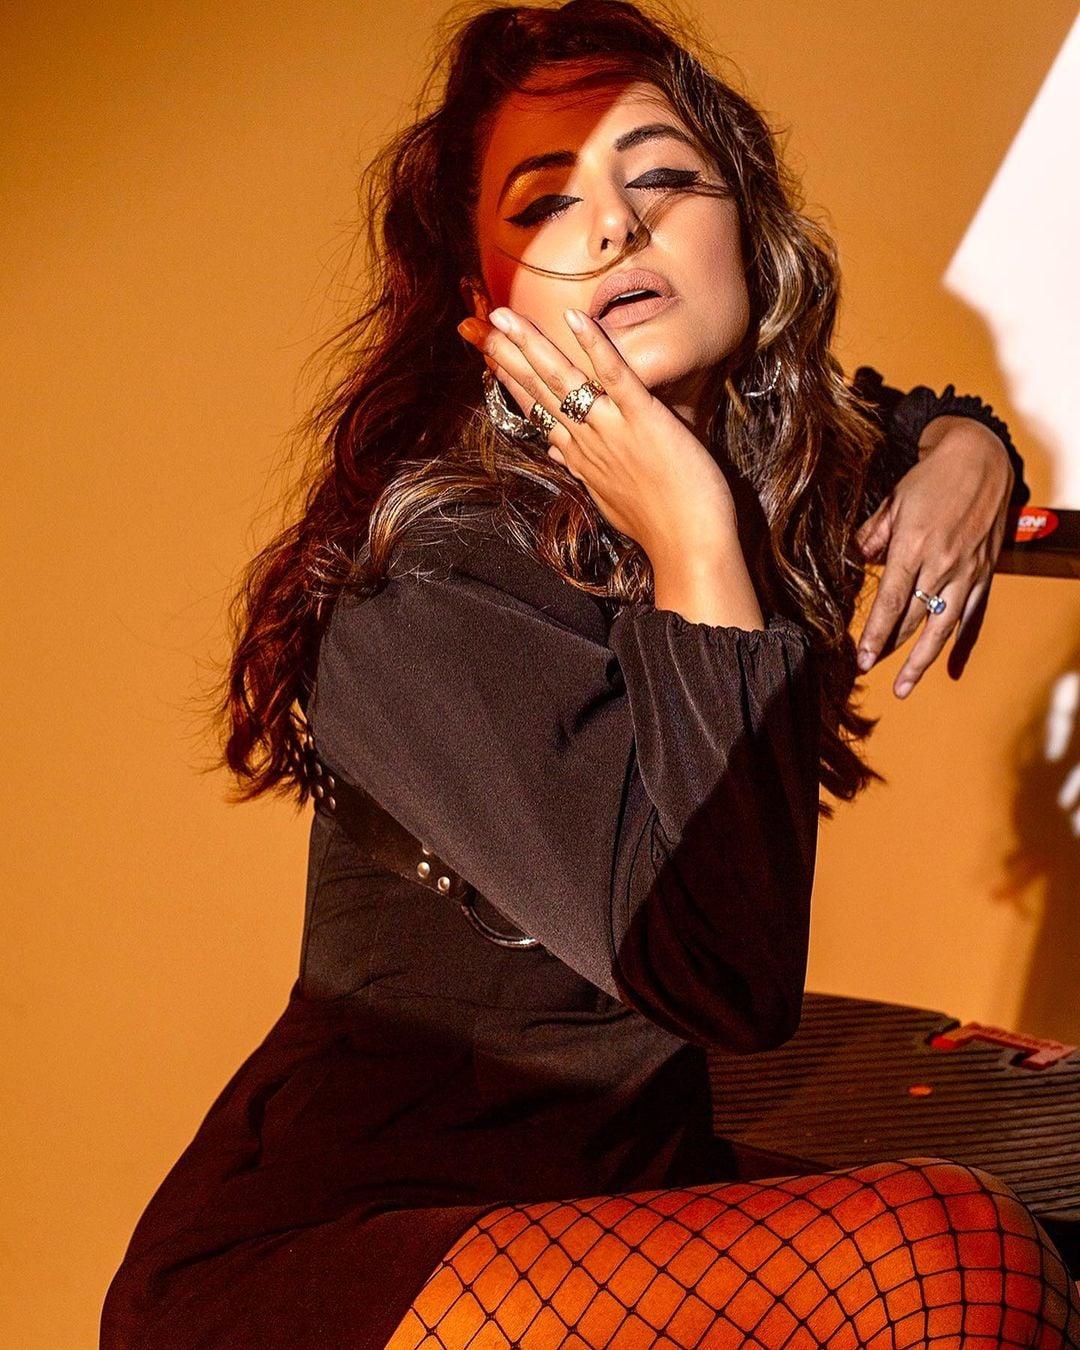 हिना खान अपनी खूबसूरत अदाओं के लिए जानी जाती हैं. वे अक्सर अपनी बोल्ड अंदाज से फैंस को मंत्रमुग्ध कर देती हैं. (फोटो साभारः Instagram/realhinakhan)